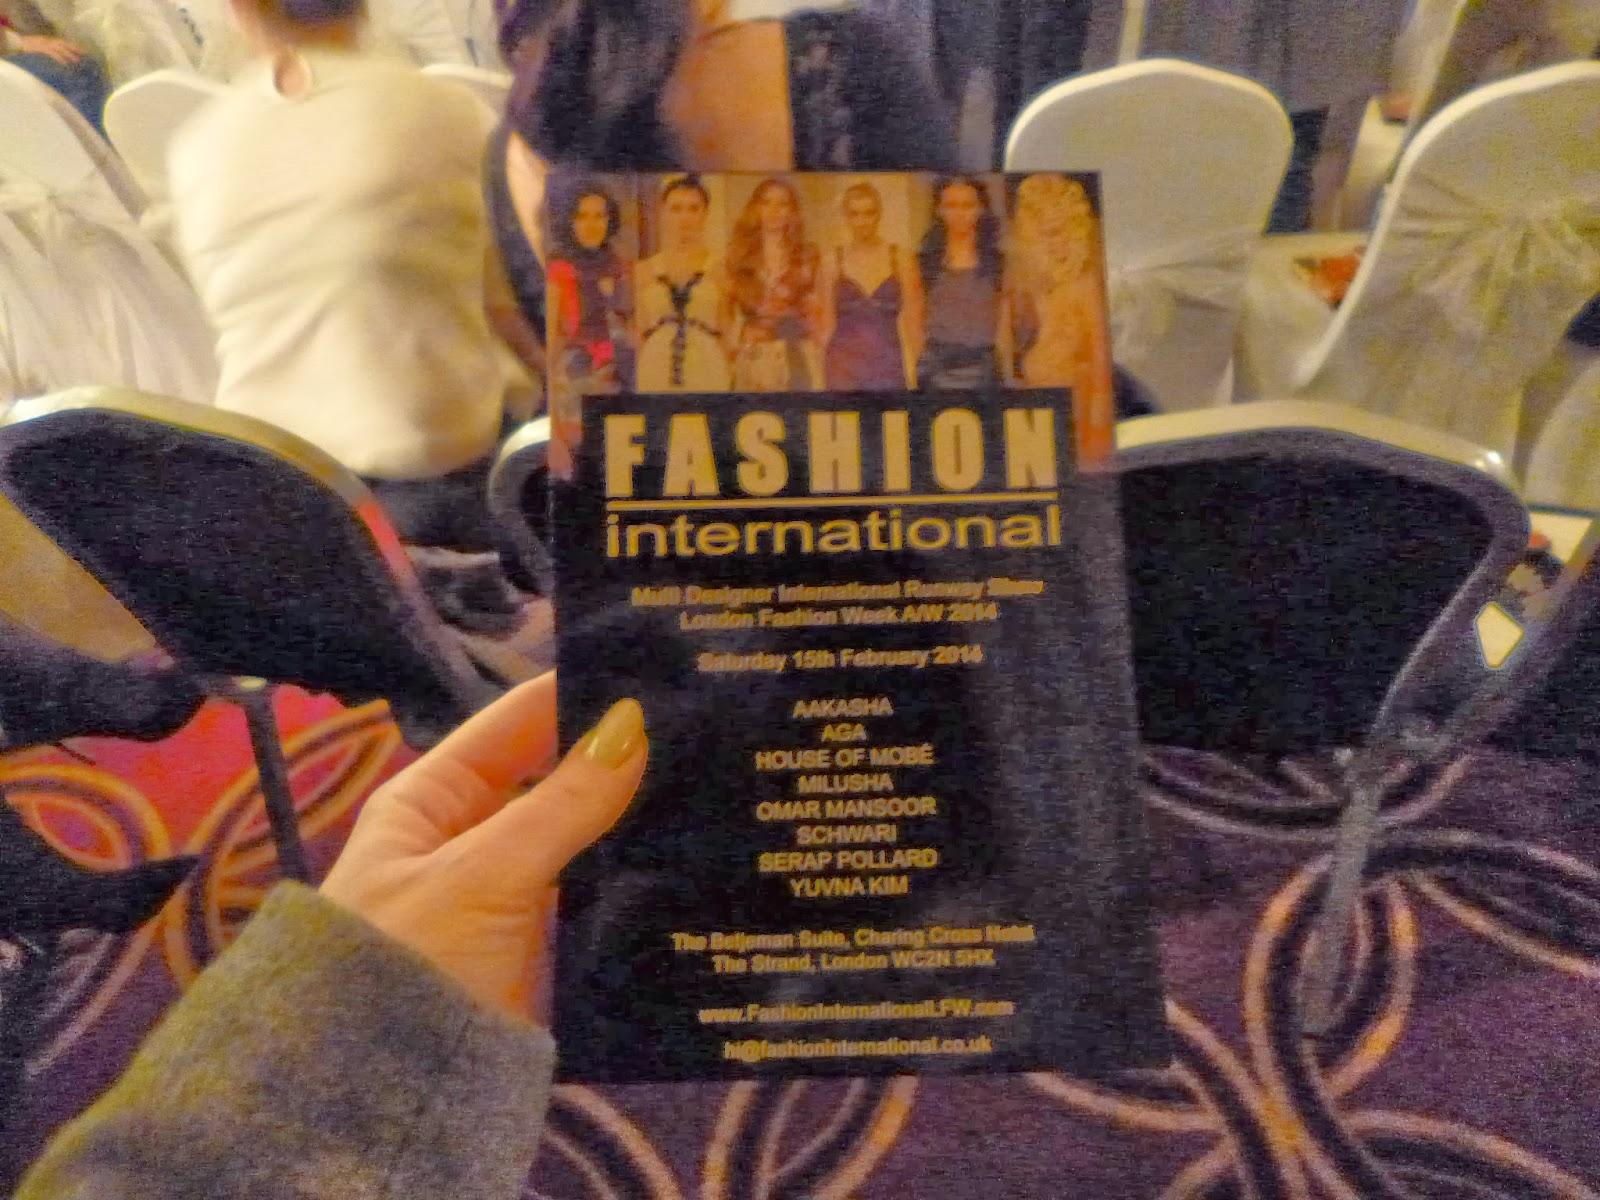 lfw-fashion-international